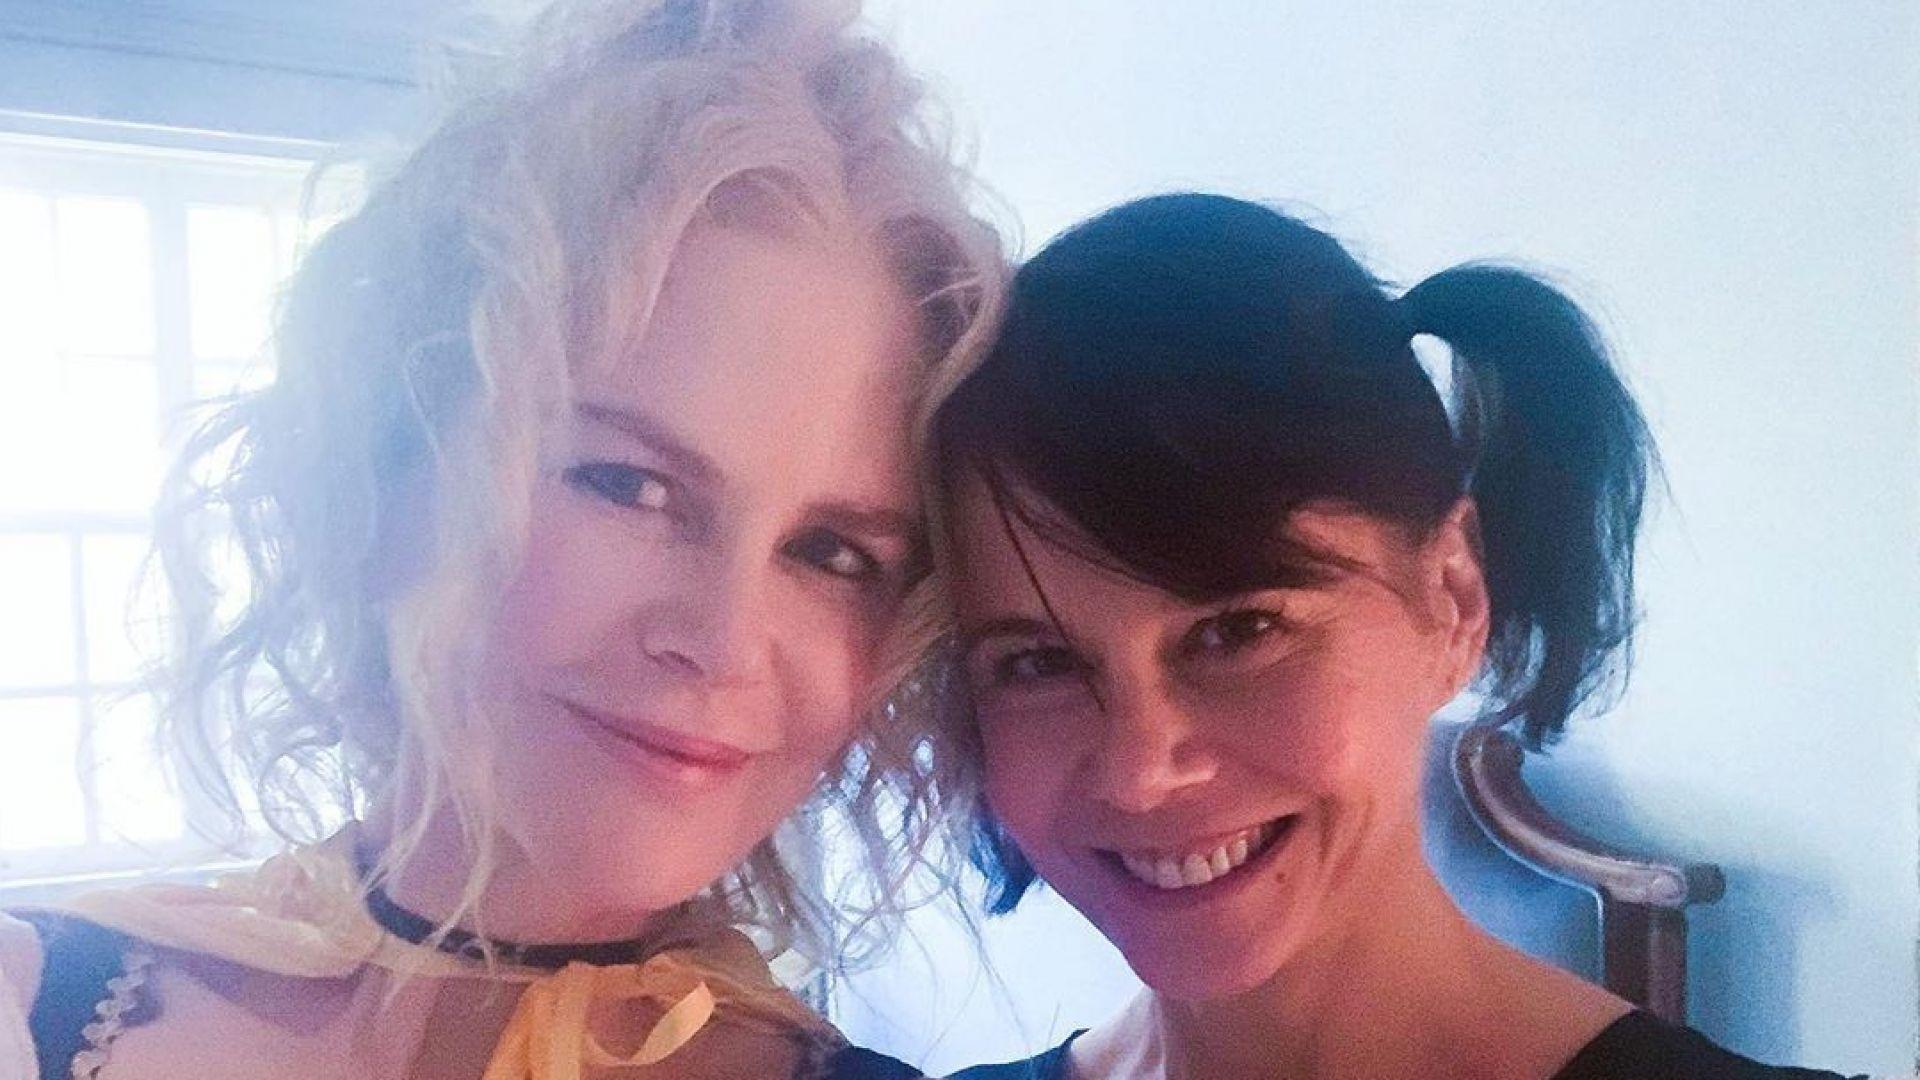 Никол Кидман и сестра ѝ - като две капки вода